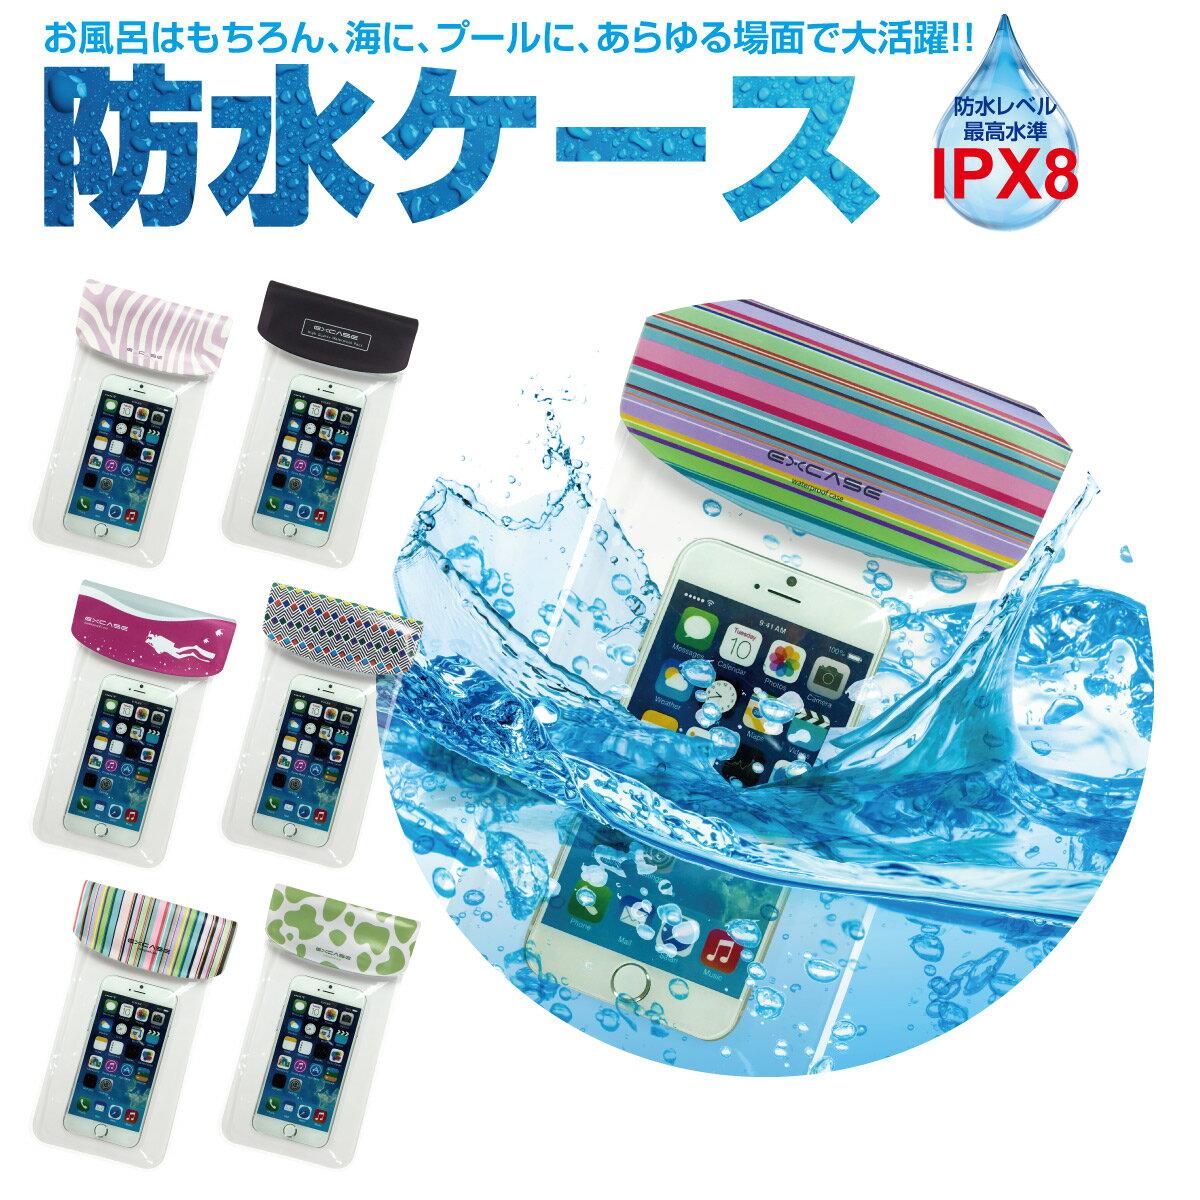 送料無料 防水ケース 全機種対応 防水 海 プール スマホケース iPhone iPhone6s Plus SE Xperia aquos galaxy arrows お風呂 防水ケース 防水カバー スマートフォン iQOS ケース IPX8 waterproof-01